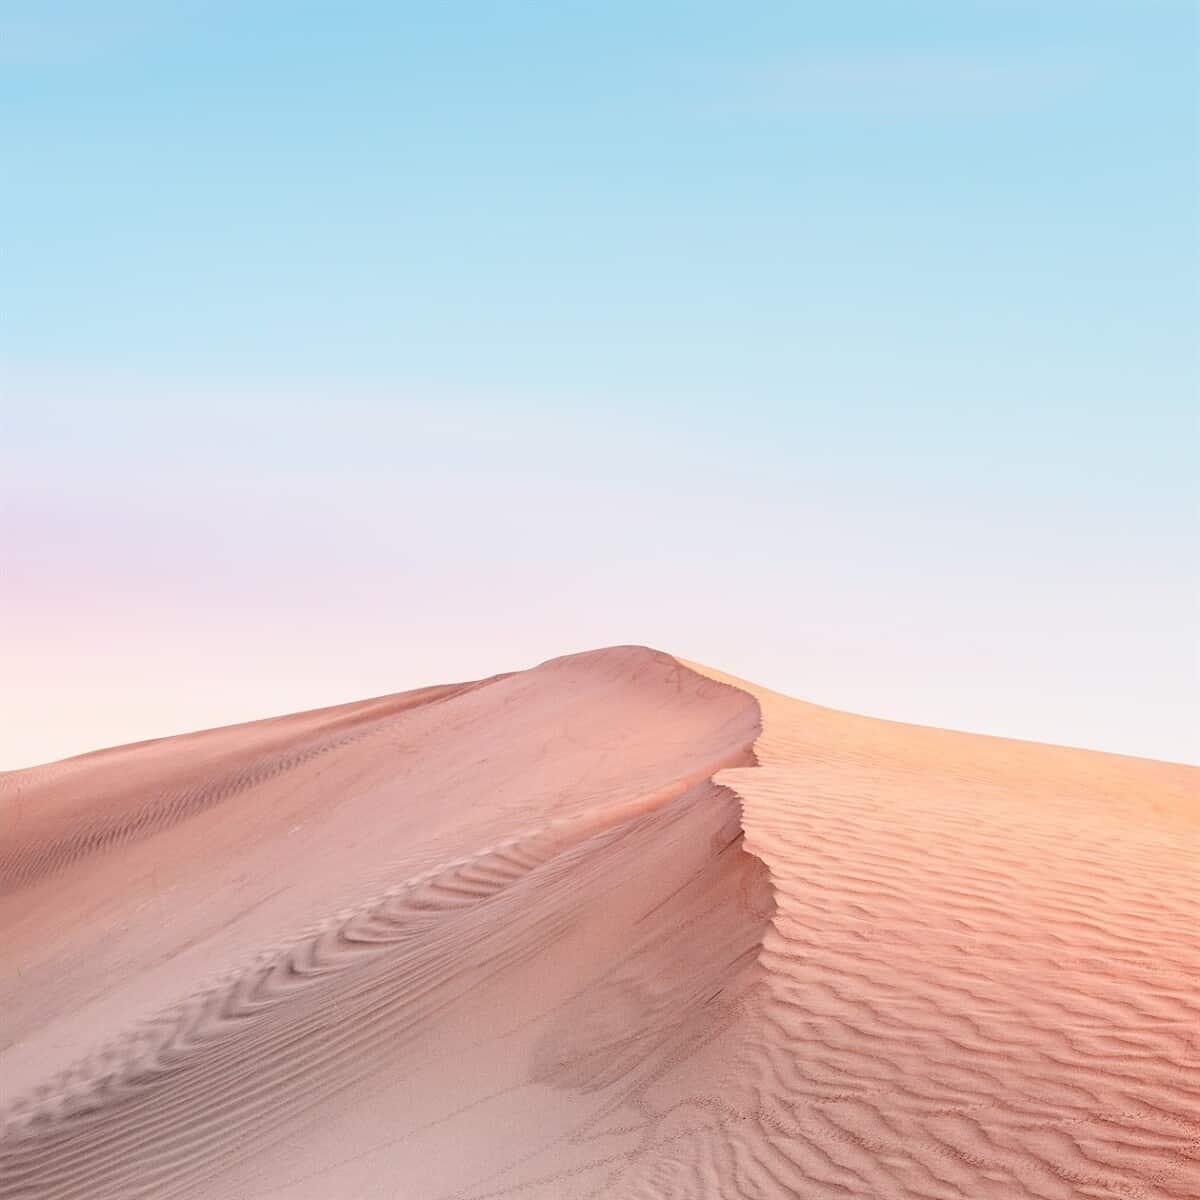 Xiaomi Mi MIX Fold wallpaper sample 4